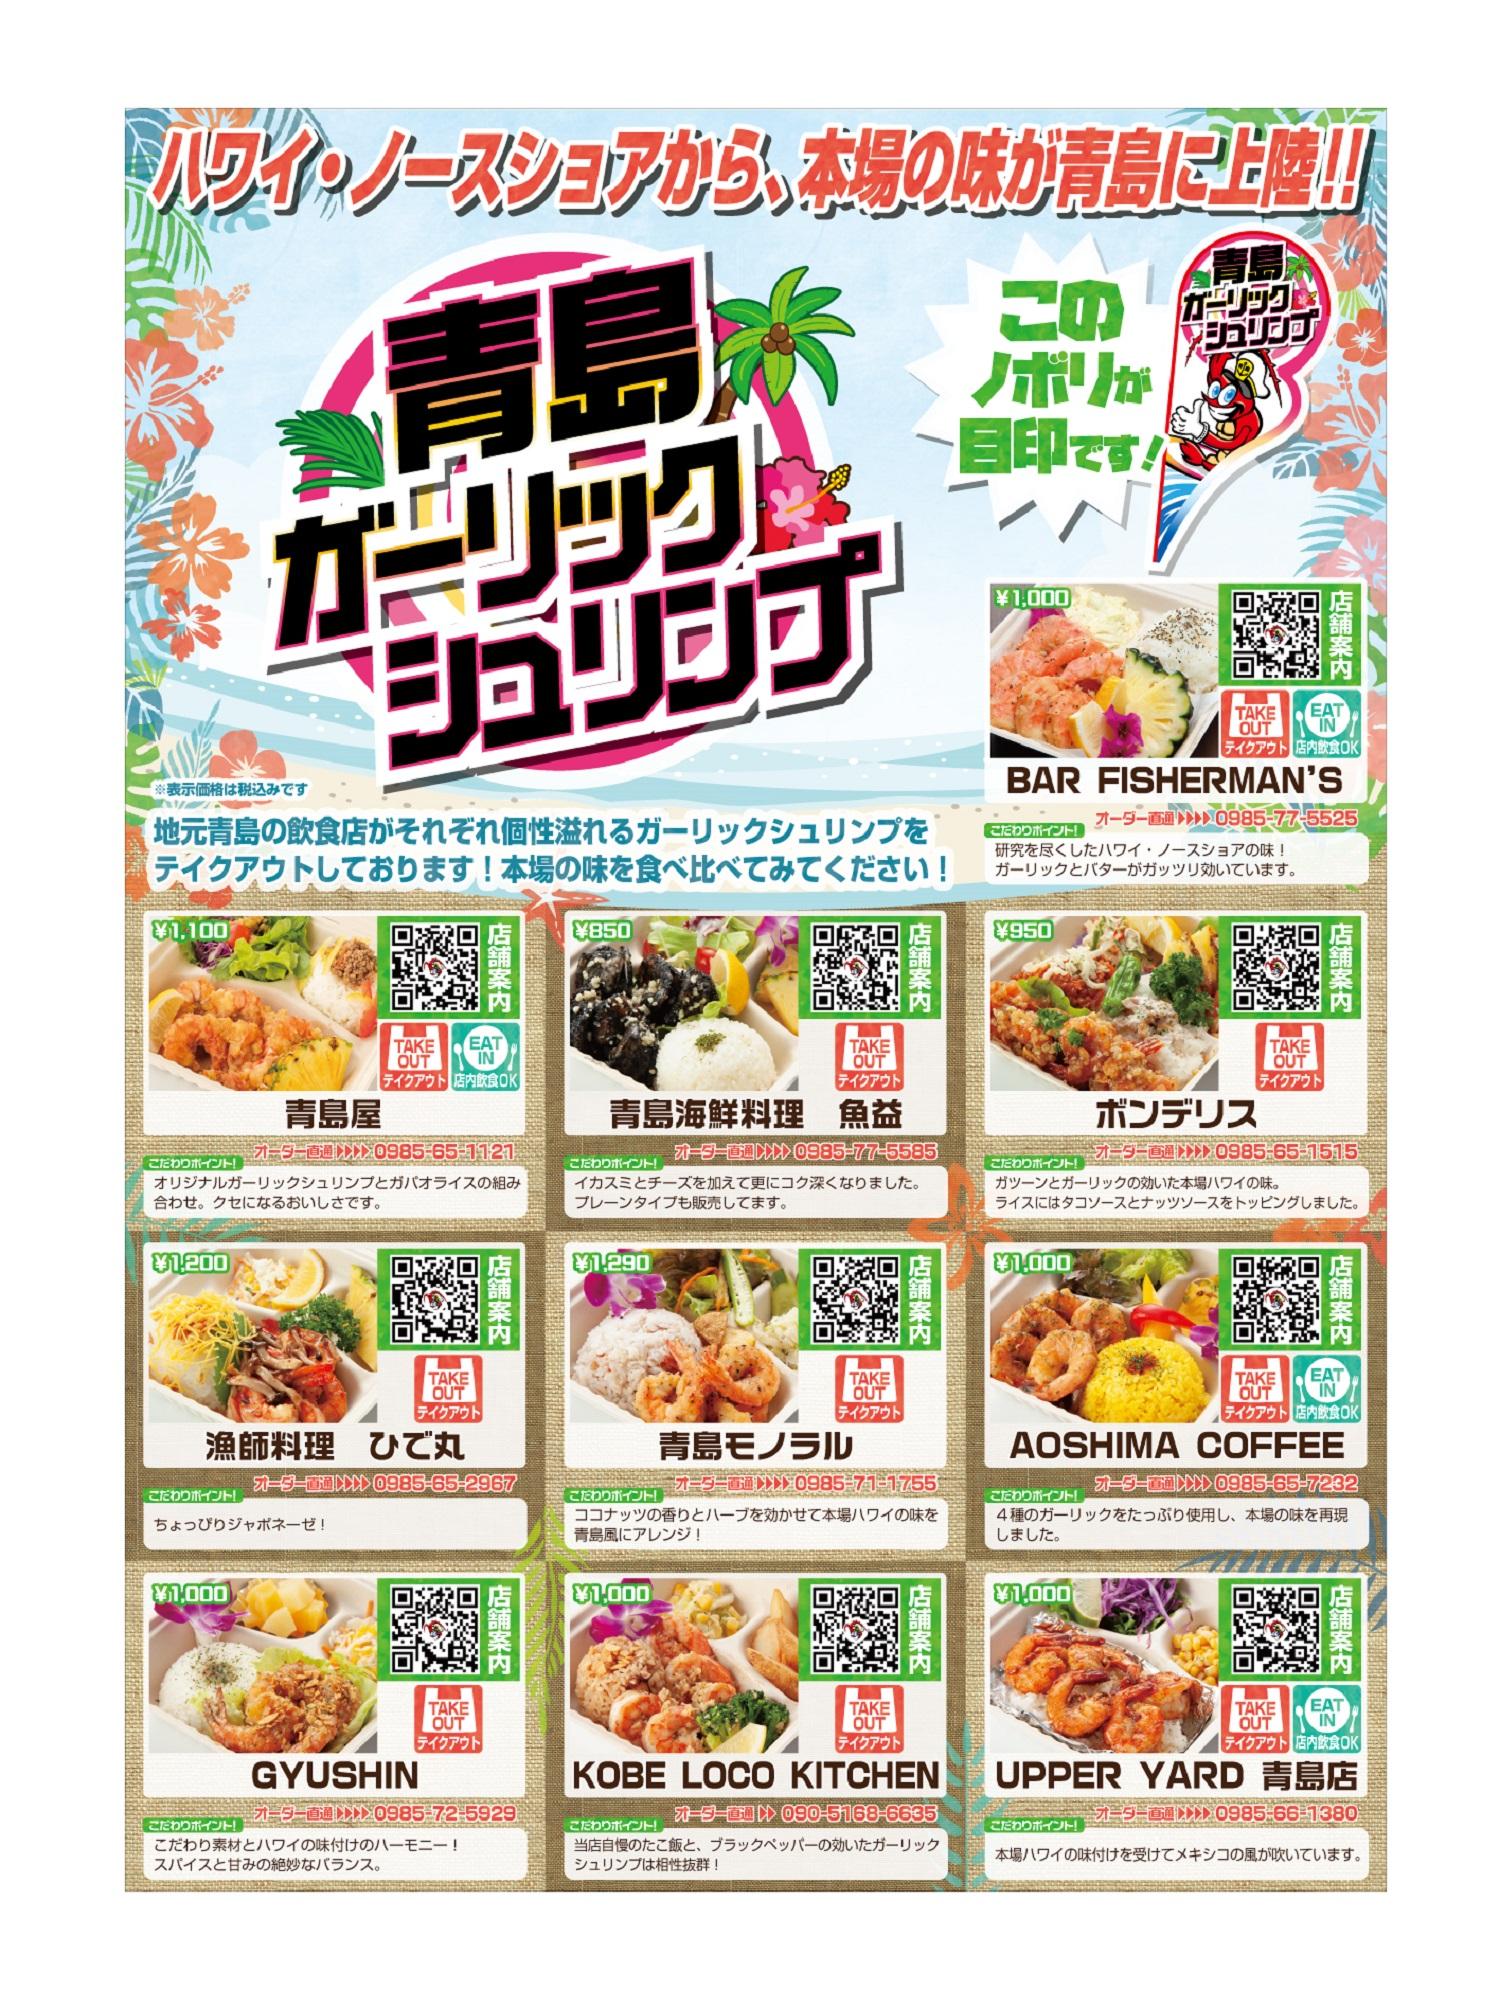 【青島ガーリックシュリンプ】ハワイ・ノースショアの名物を青島で!!